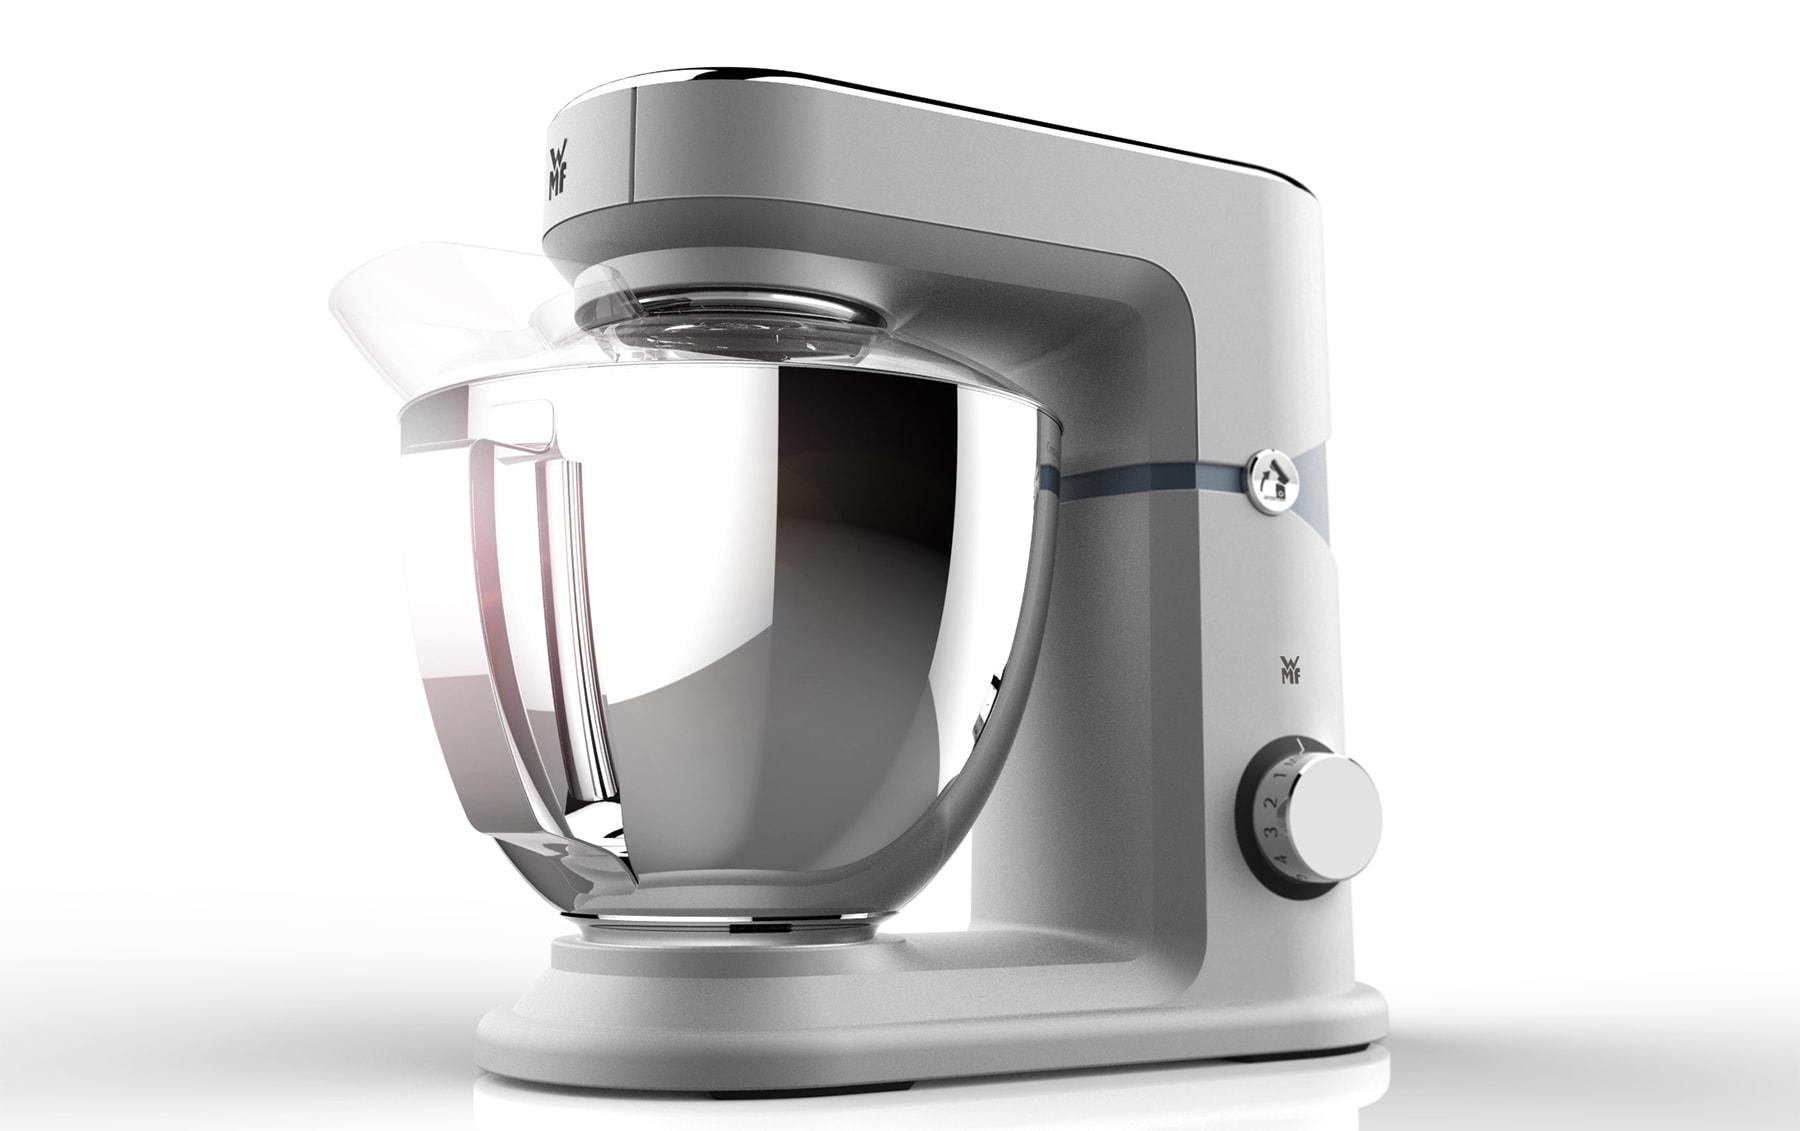 wmf küchenmaschine 002